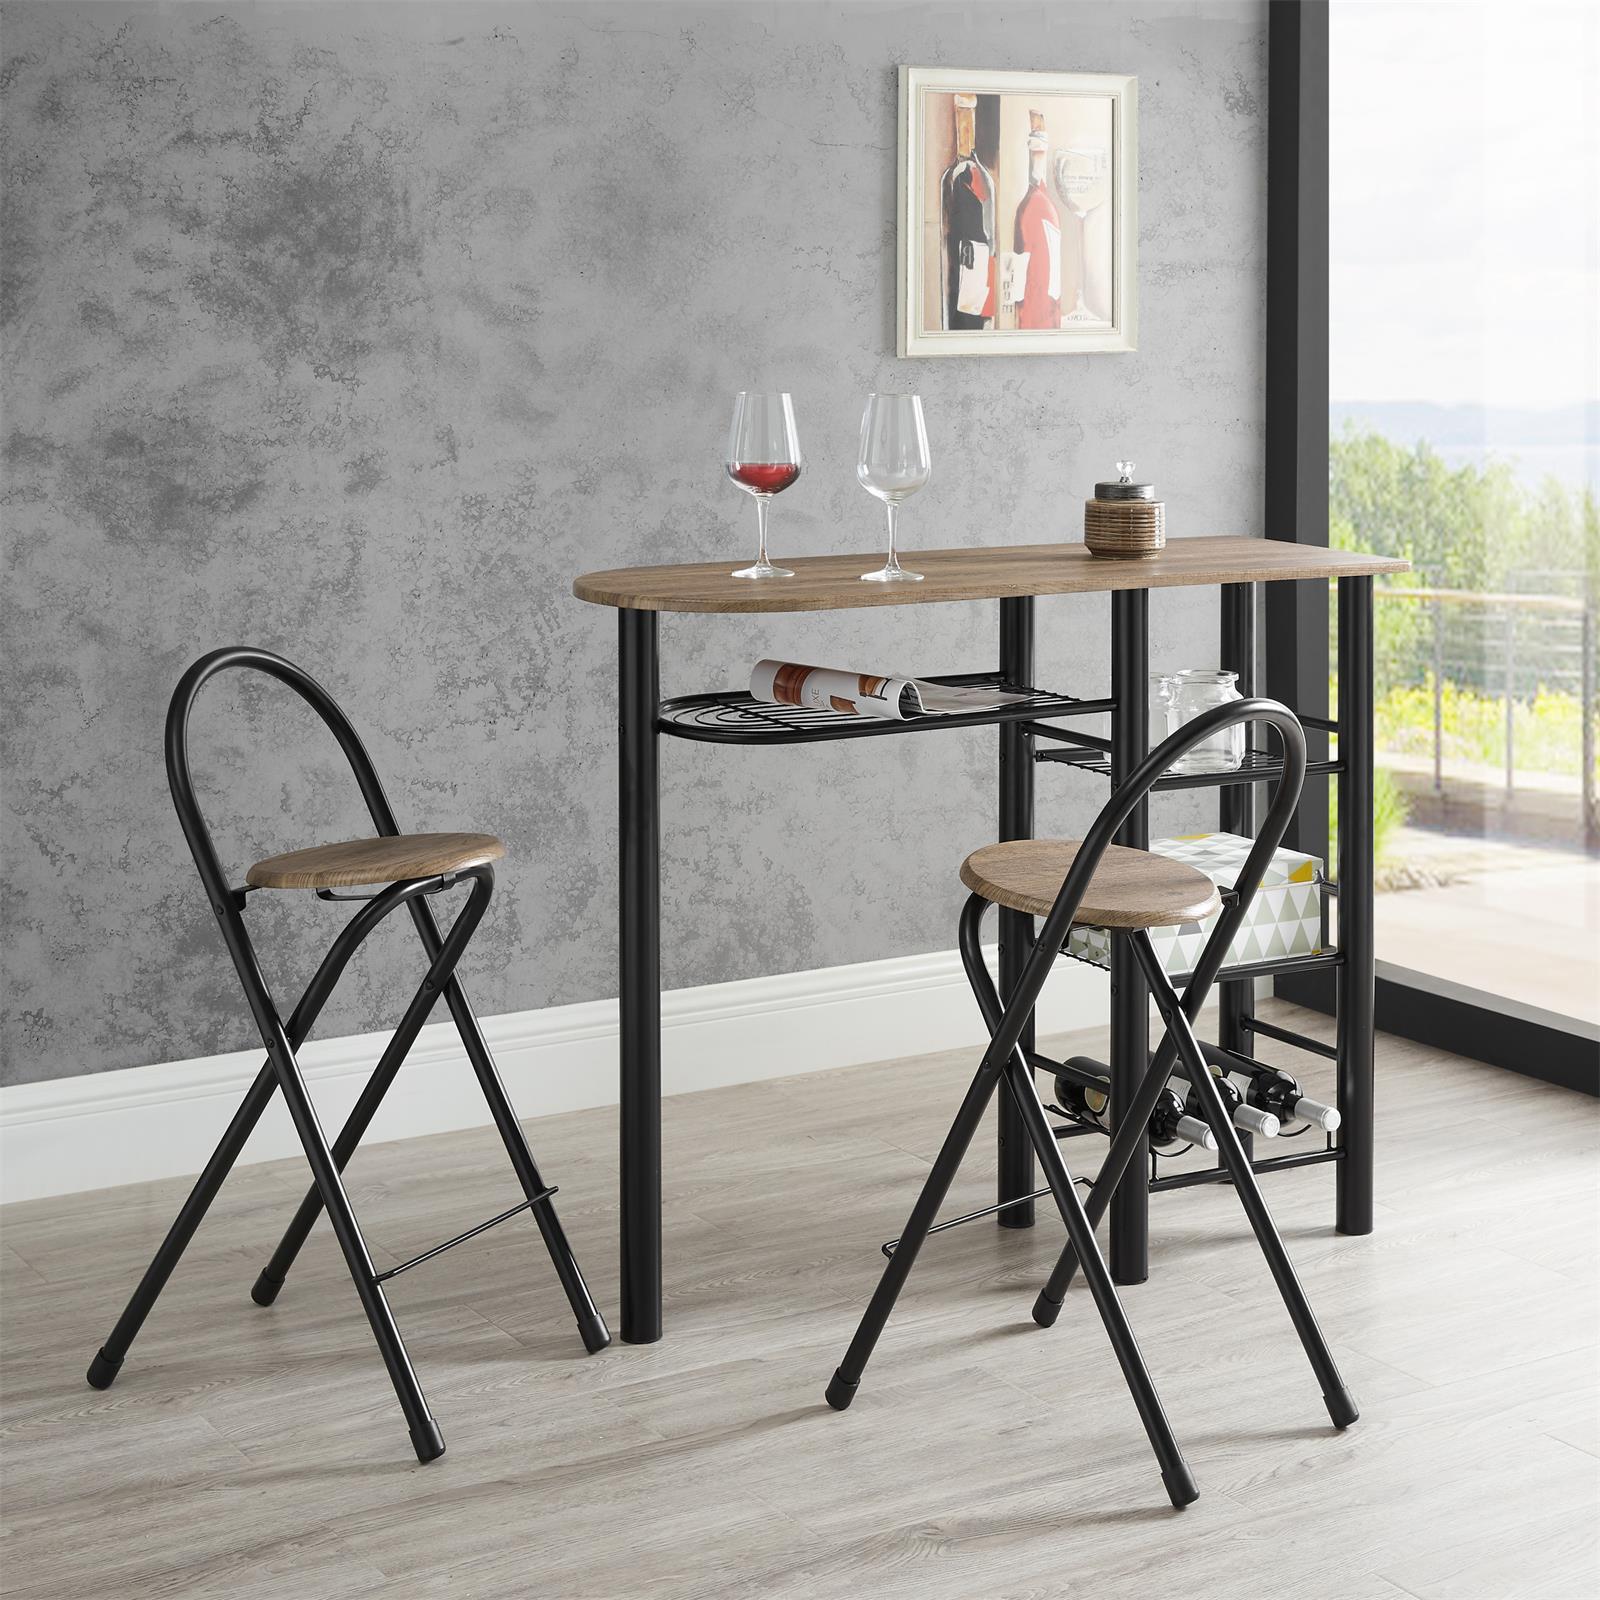 bartisch style mit 2 st hlen in wildeiche mobilia24. Black Bedroom Furniture Sets. Home Design Ideas